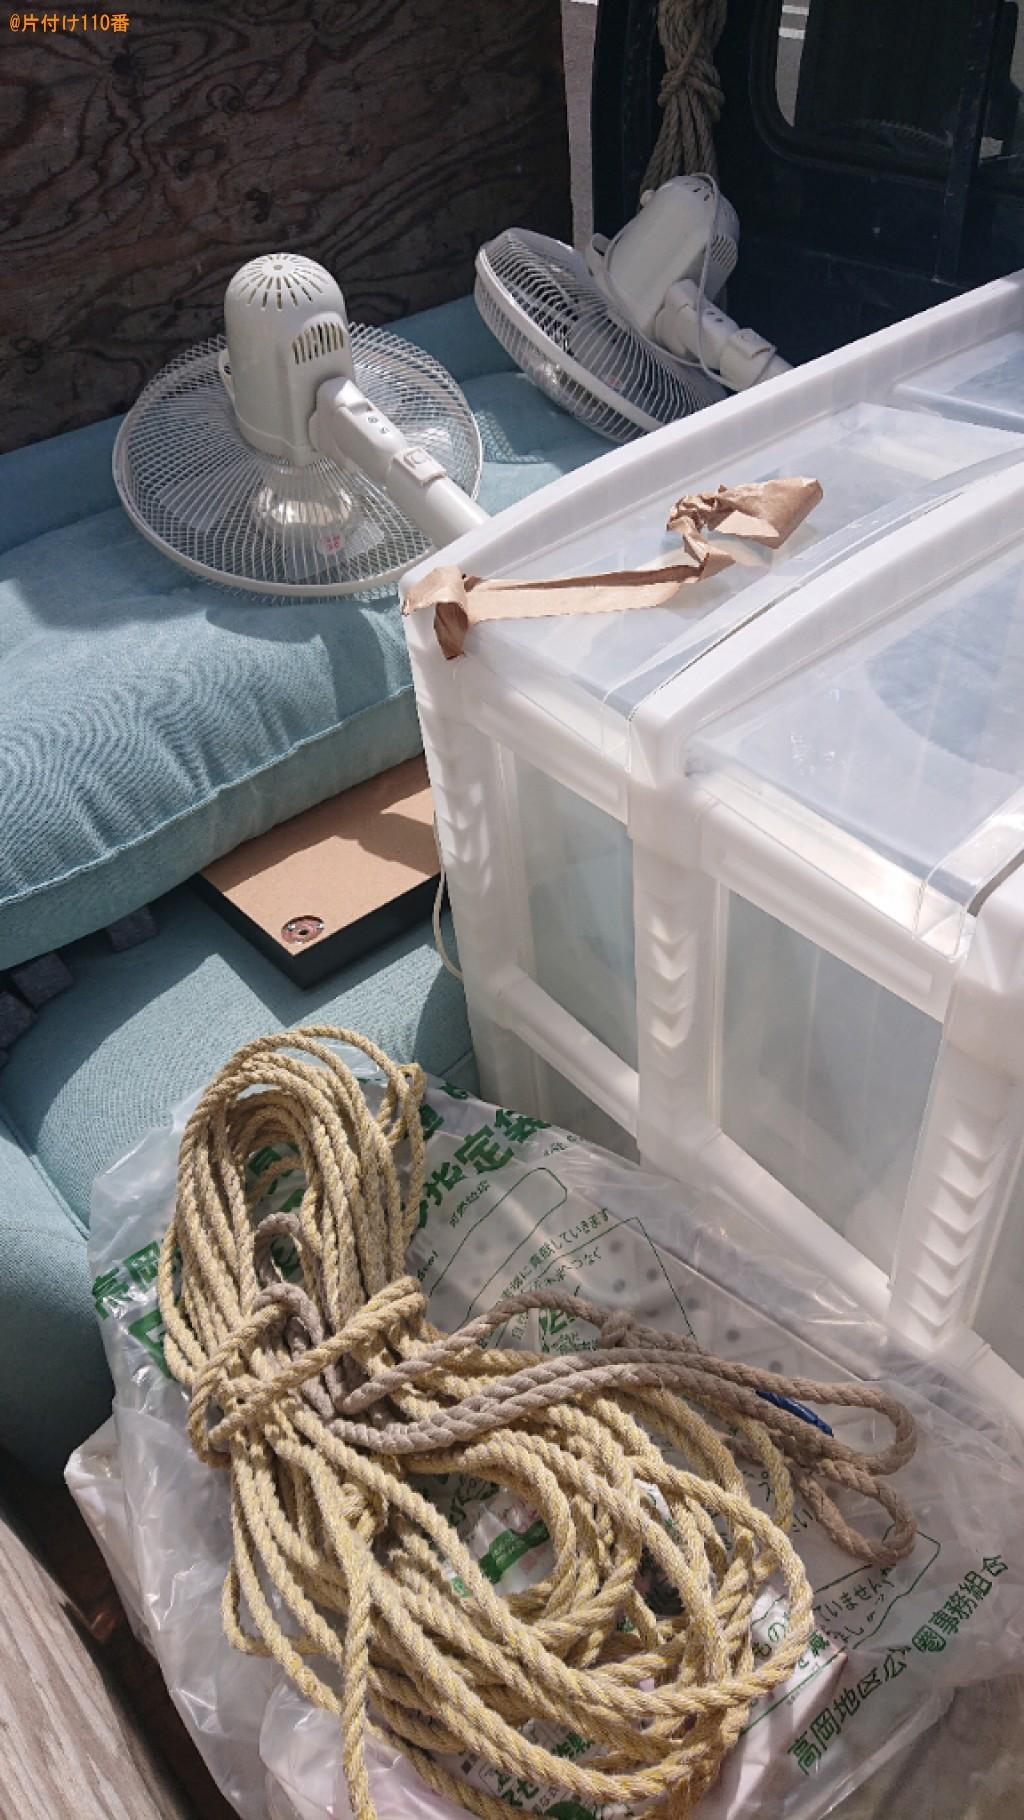 【大飯郡高浜町】二人掛けソファー、衣装ケース、扇風機等の回収